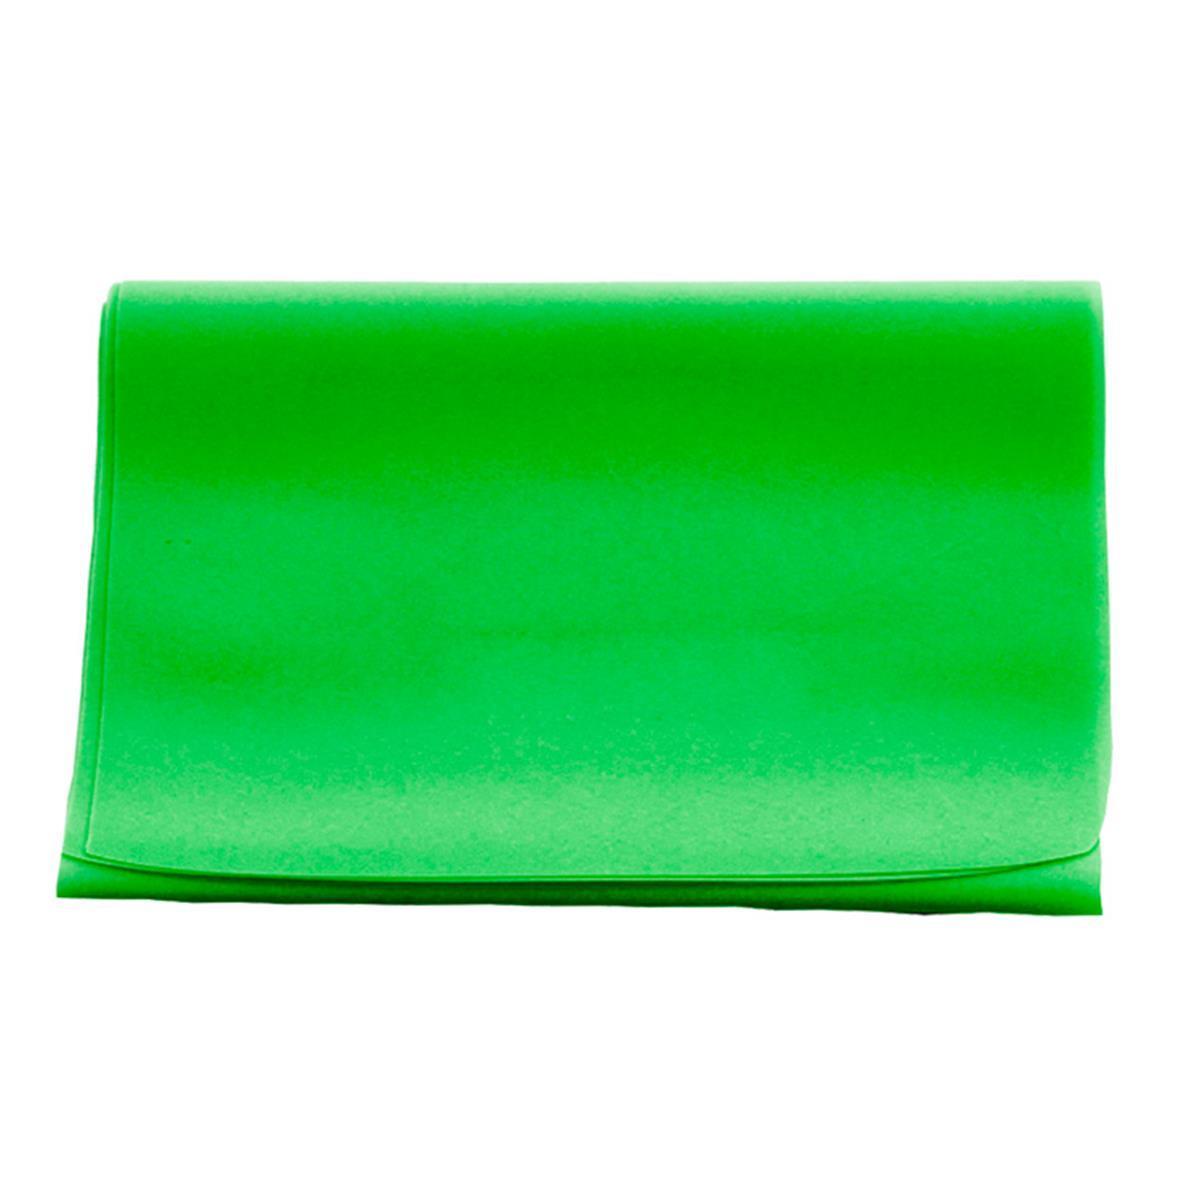 Faixa Elástica Carci Band - Verde Médio - 1,5M - Exercícios E Fisioterapia